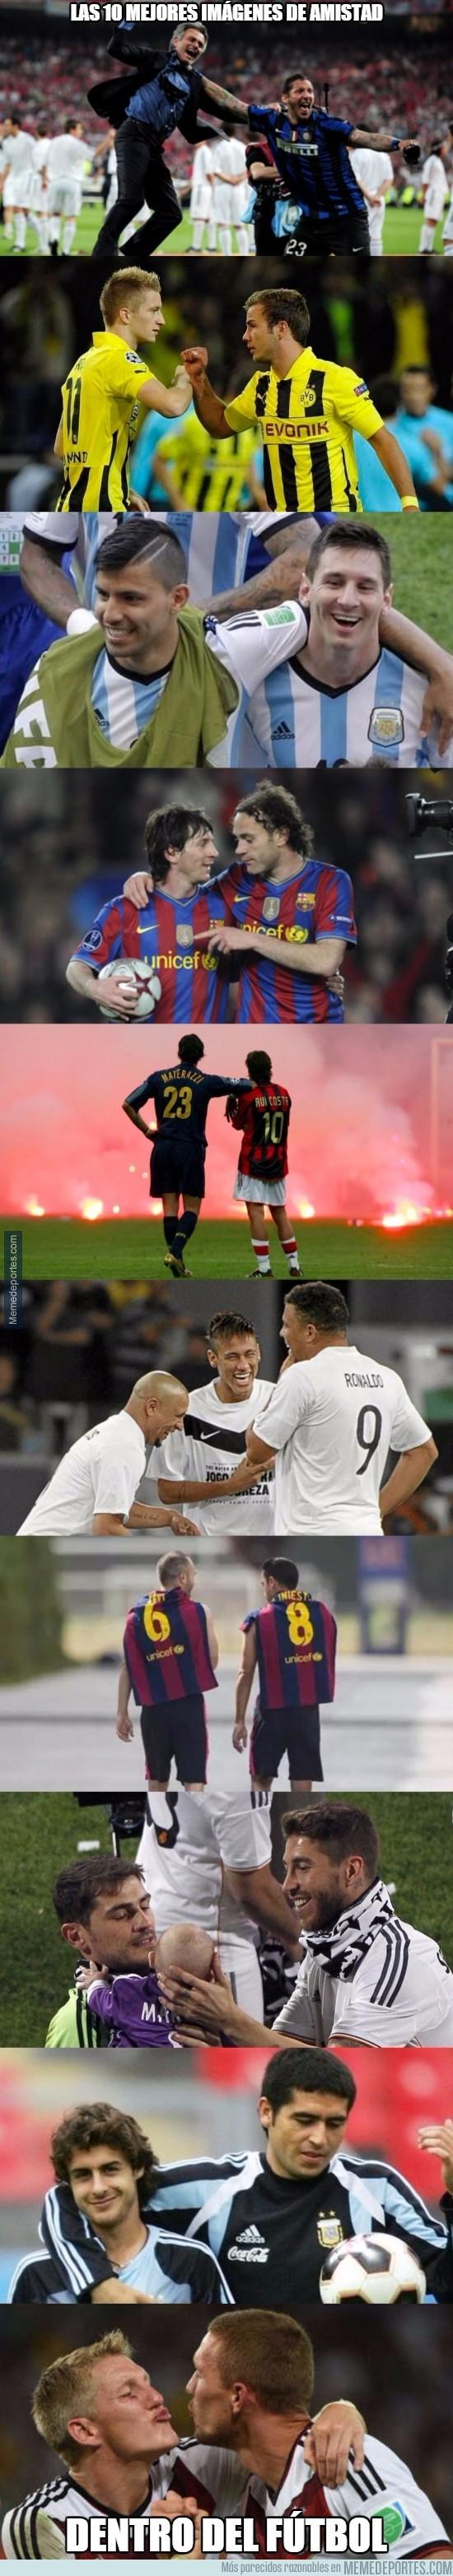 768365 - La amistad en el fútbol